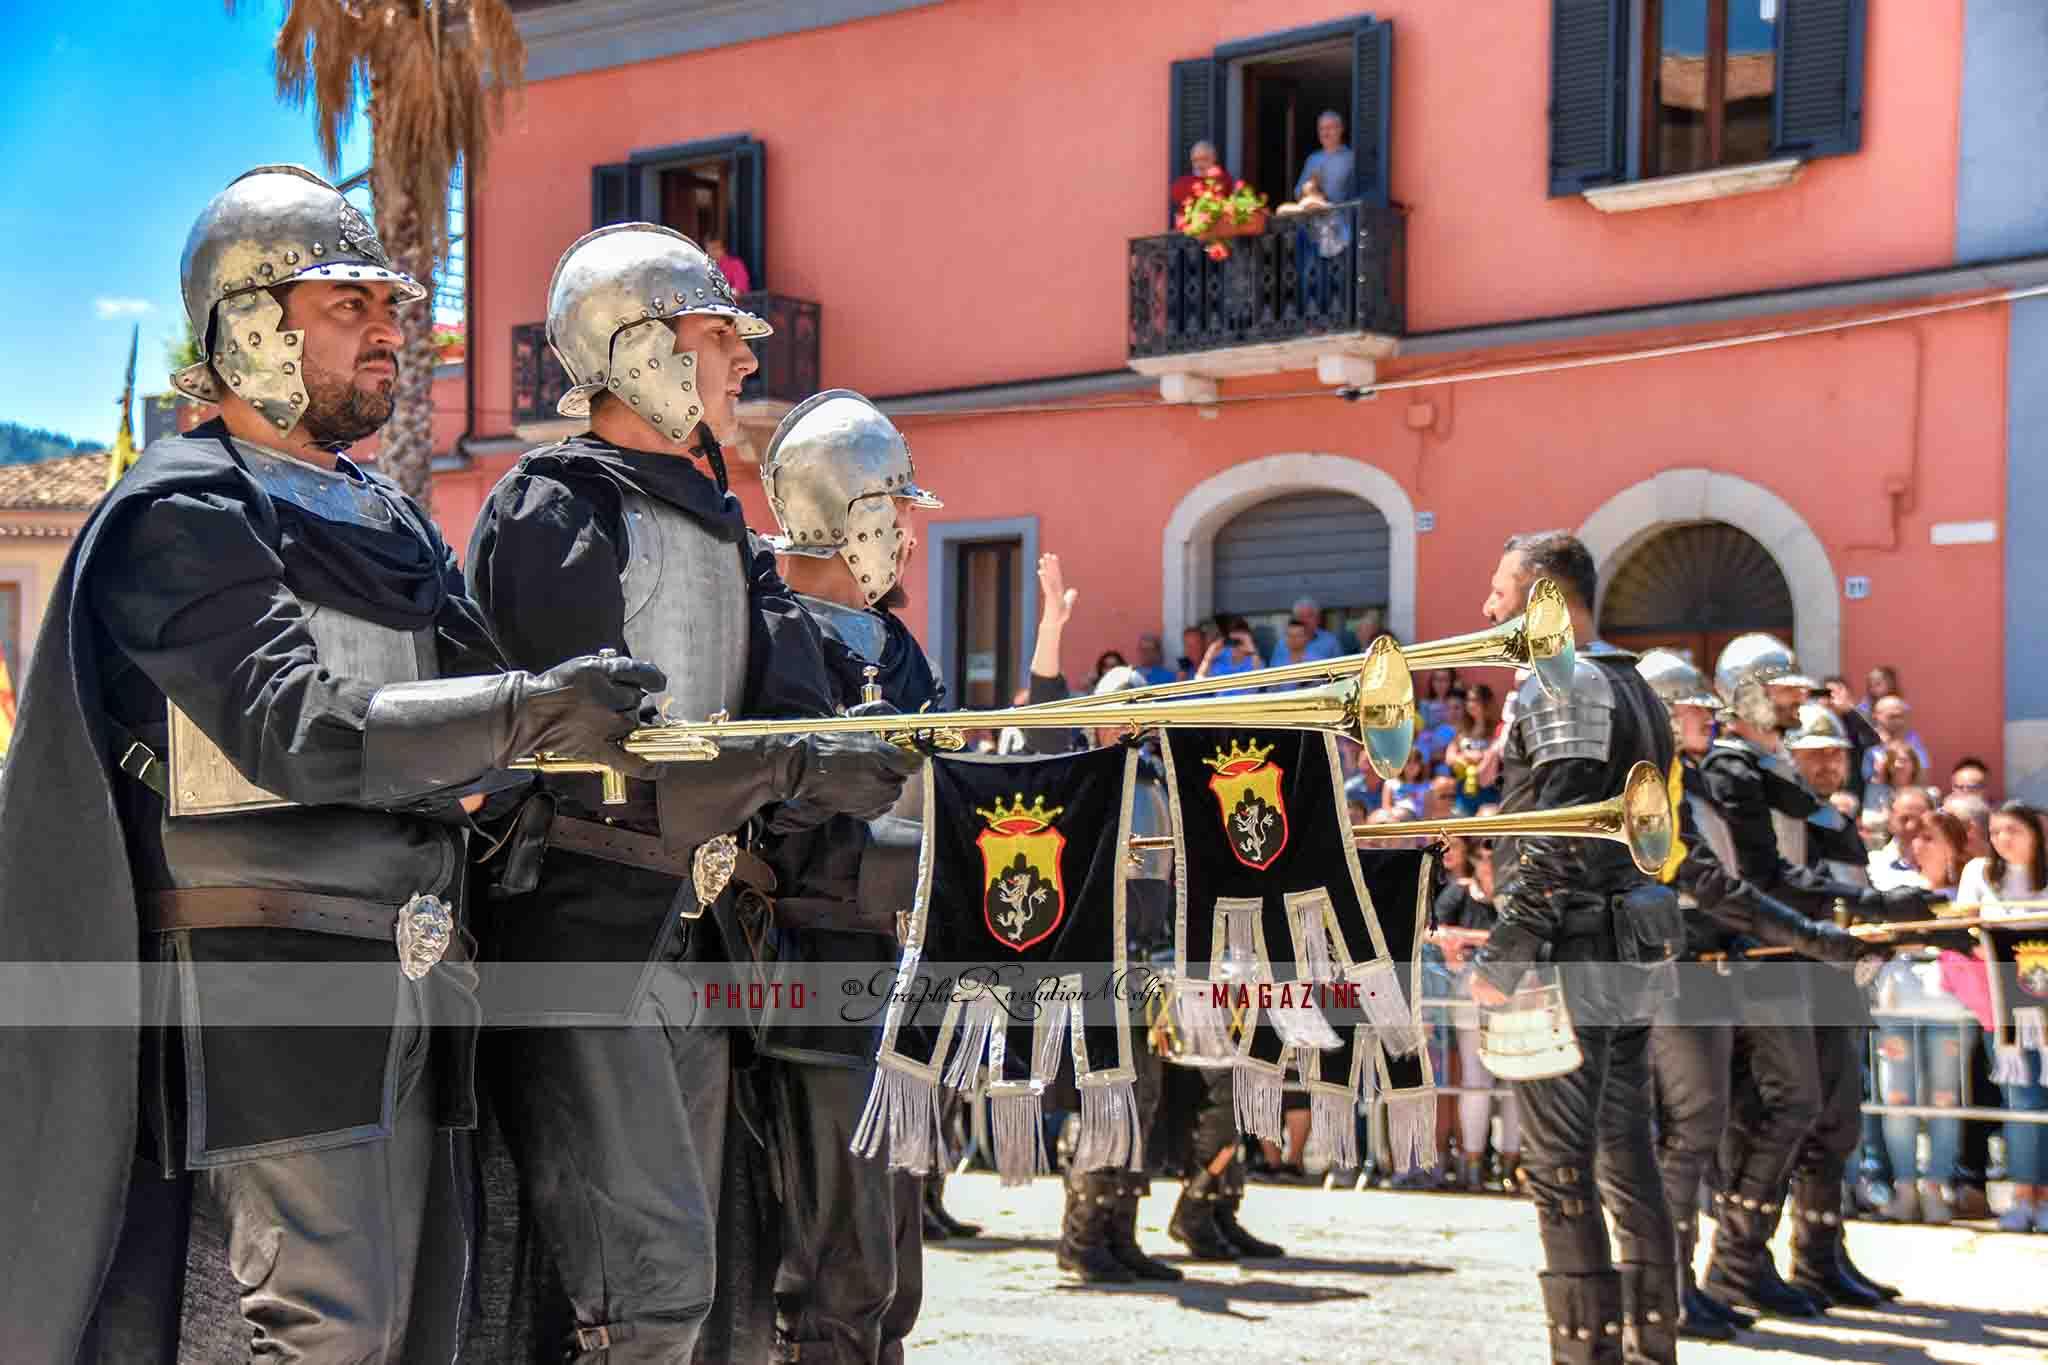 melfi pentecoste corteo storico domenica pasqua di sangue assedio francesi spagnoli ronca battista